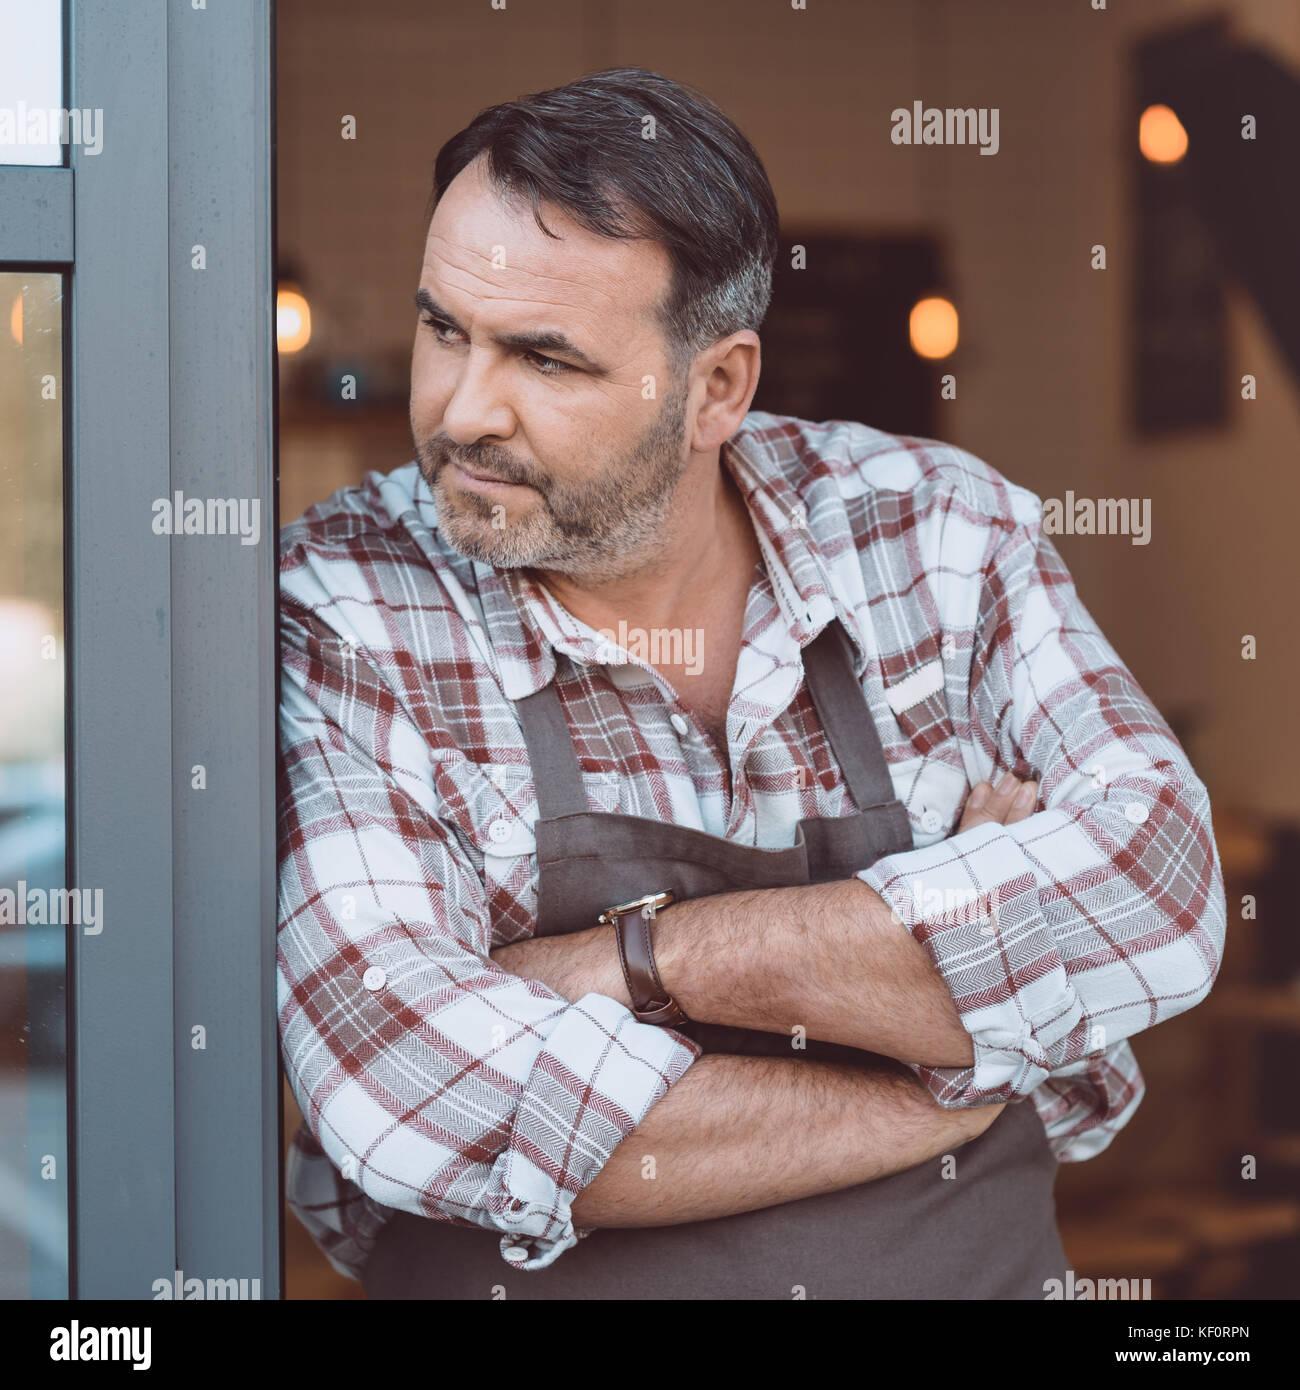 Barman s'appuyant sur entrée de cafe Photo Stock